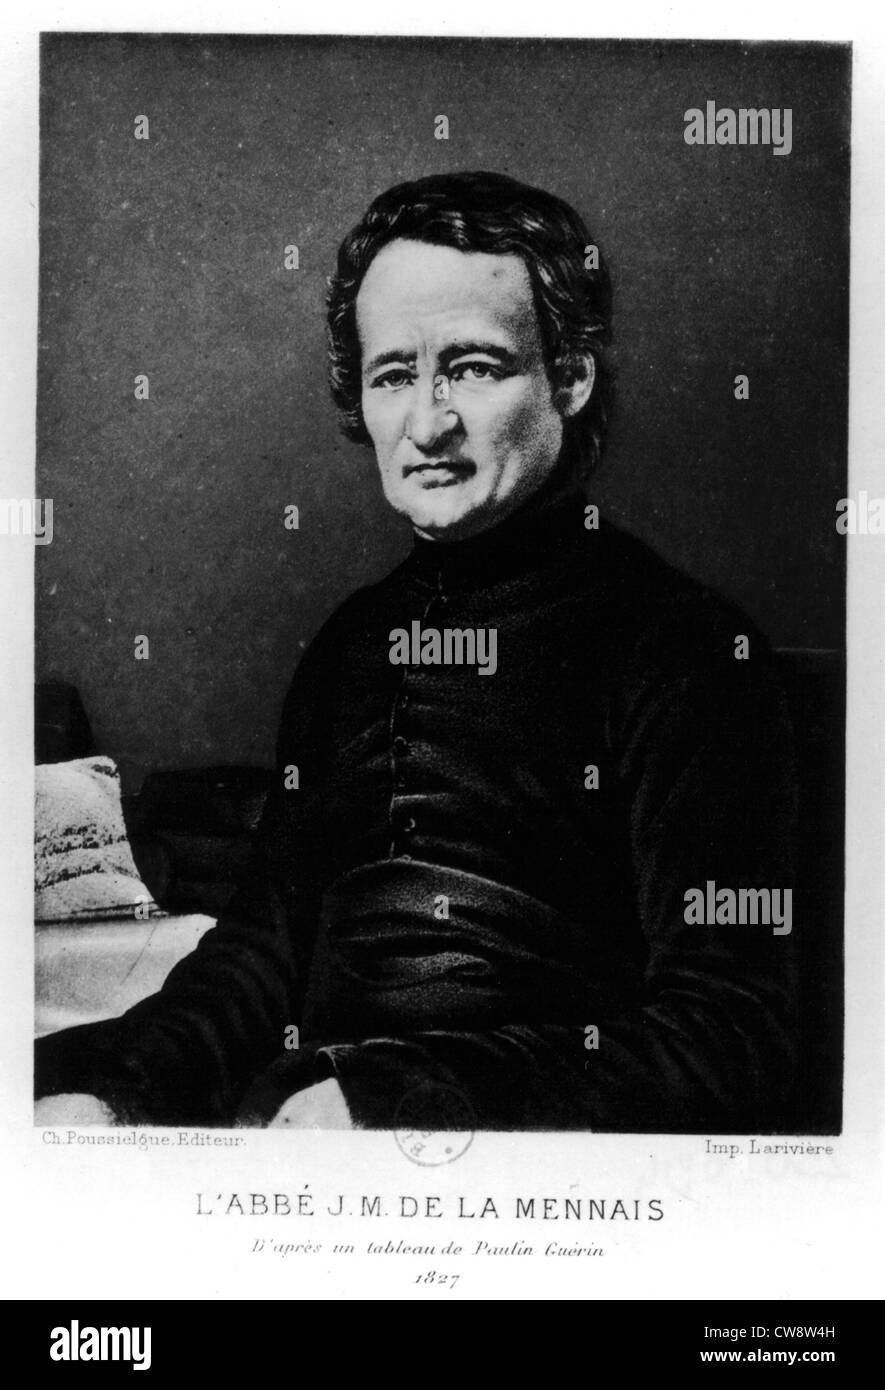 Abbot Félicité Robert de Lamenais in 1827 - Stock Image